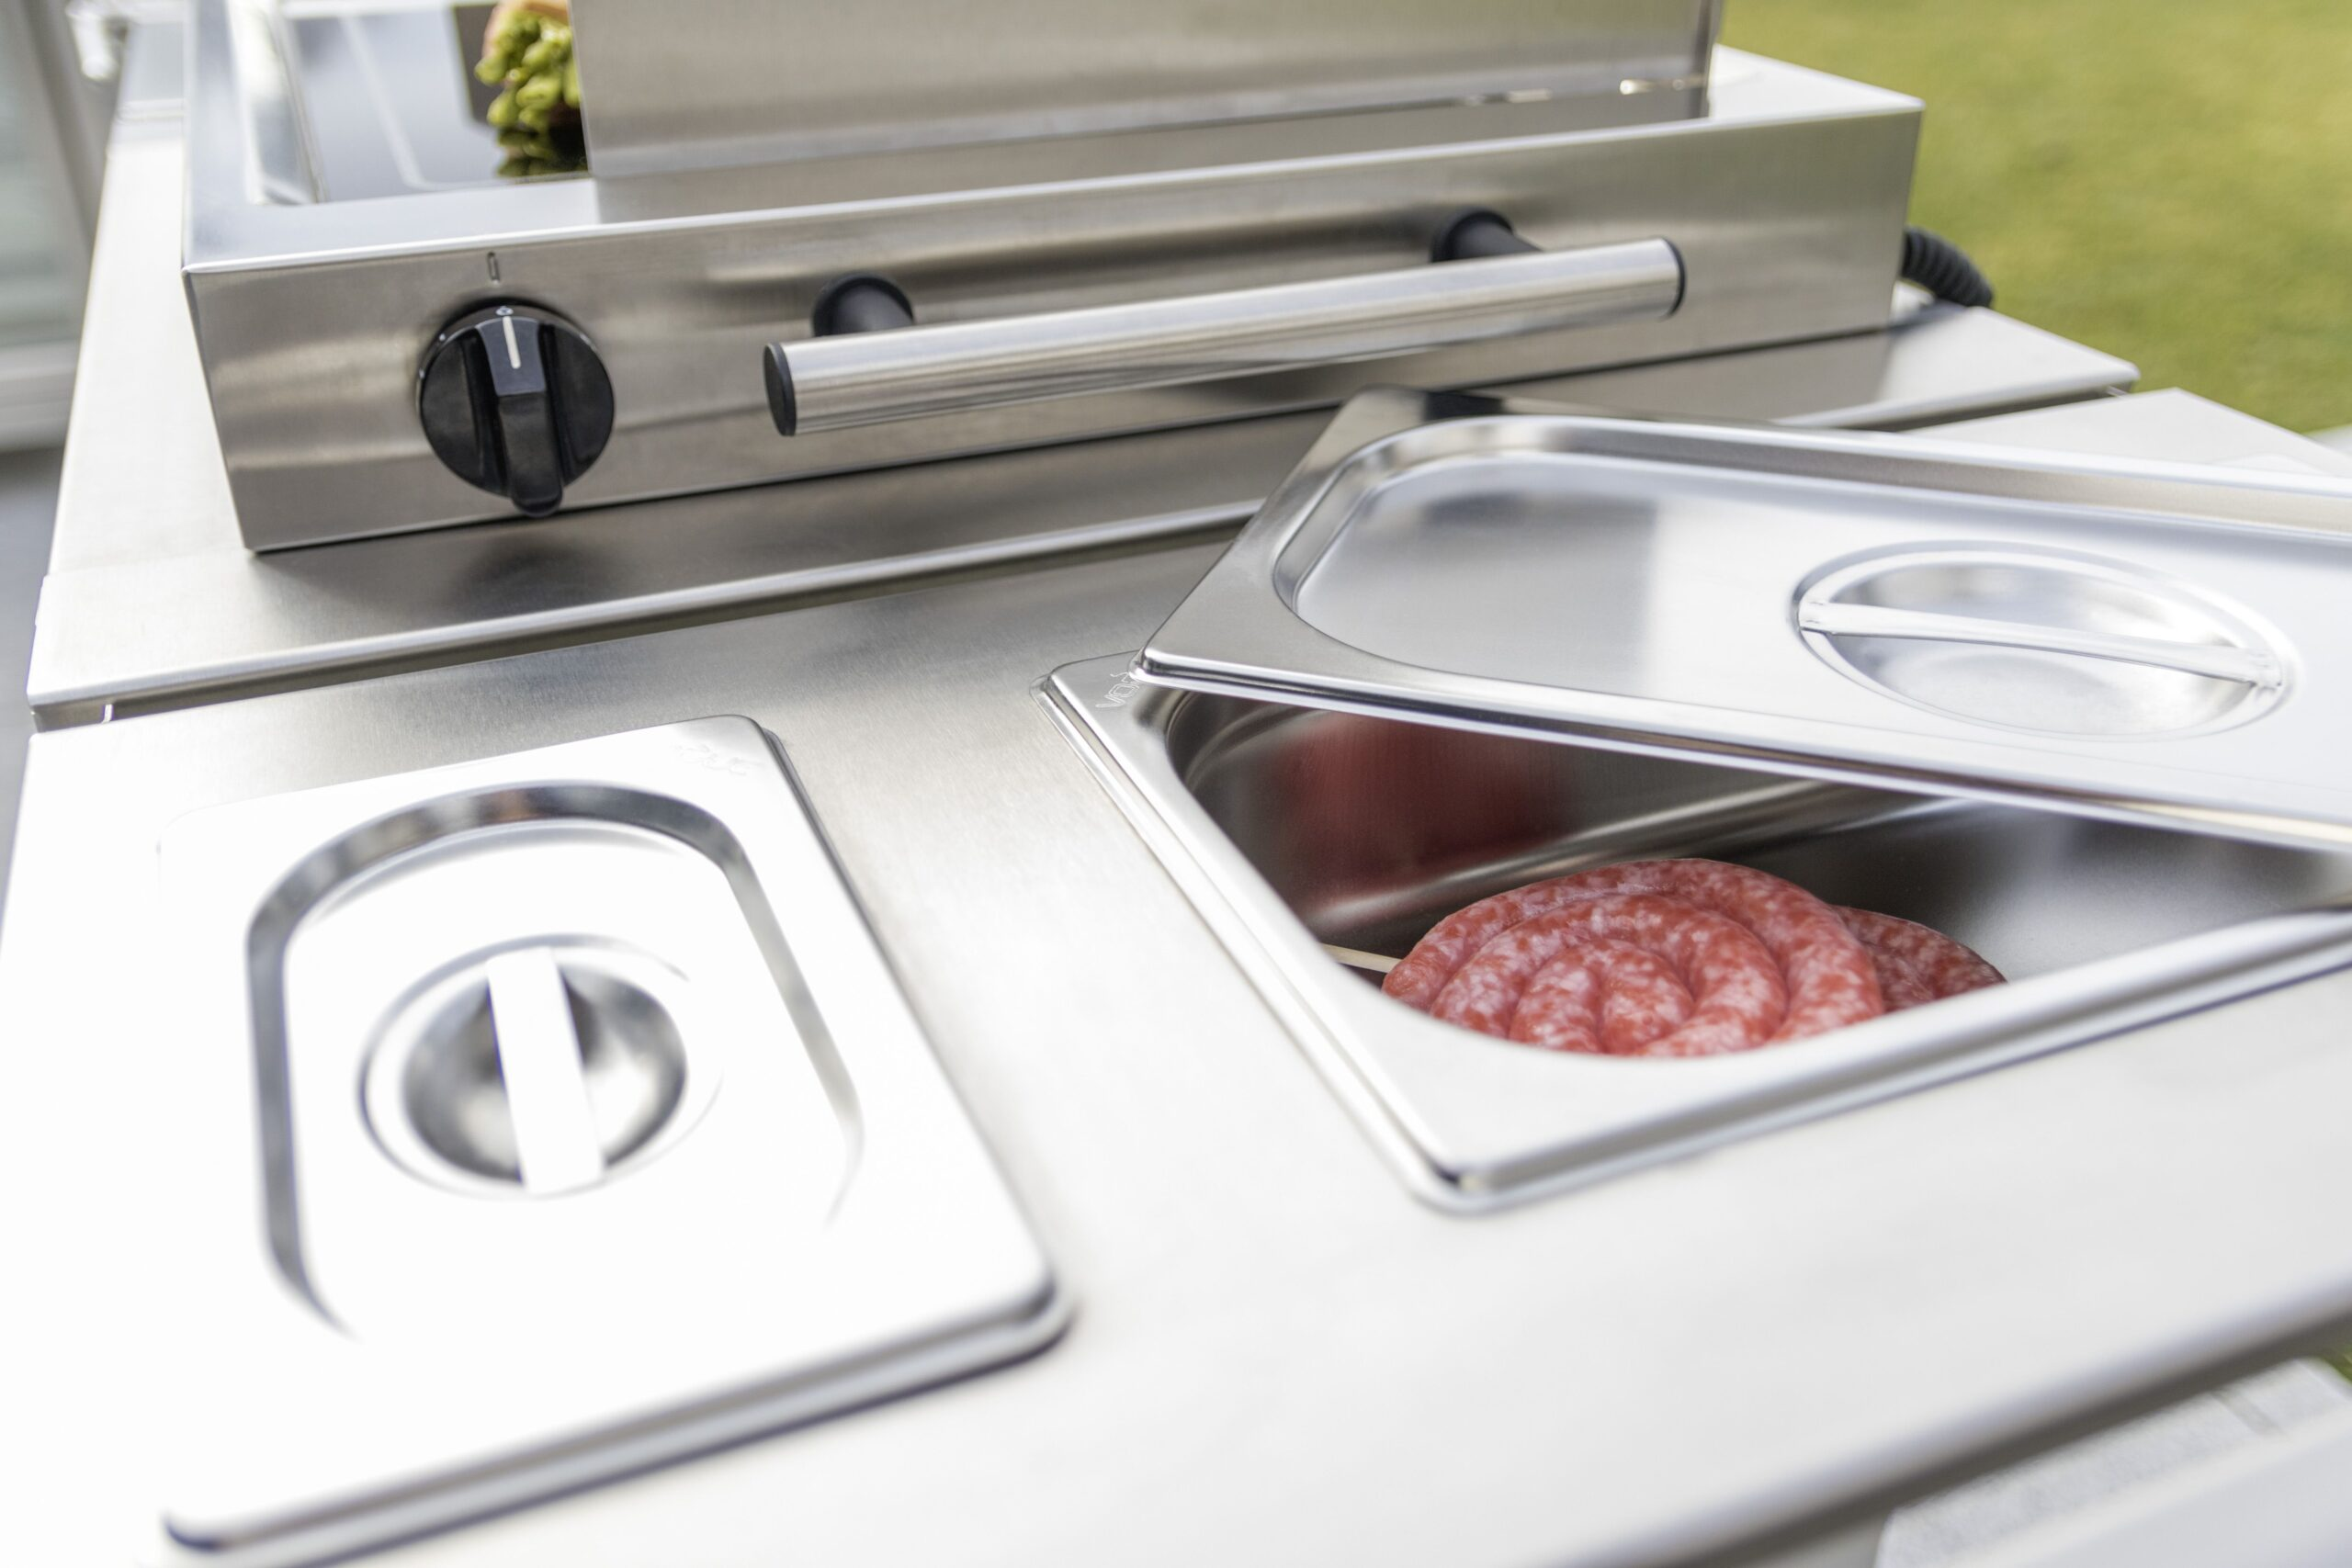 Full Size of Mobile Outdoorküche Das Modulare Outdoorkchen System Ist Sehr Interessant Fr Die Küche Wohnzimmer Mobile Outdoorküche